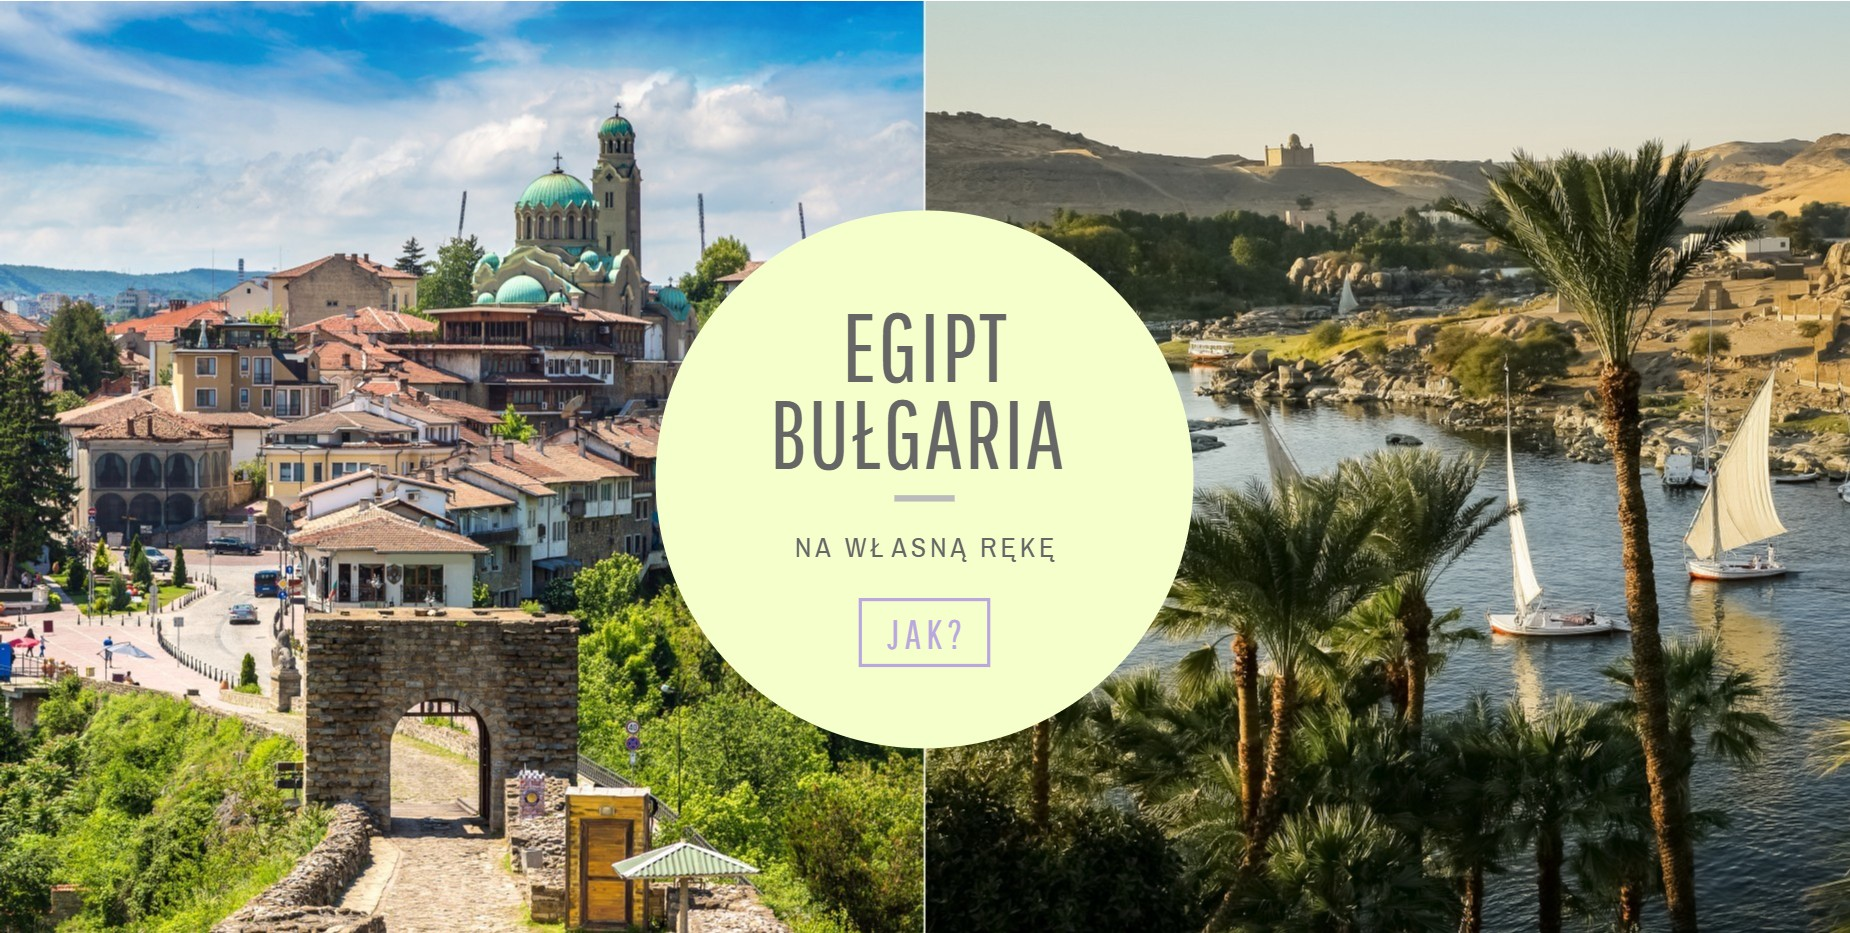 Egipt i Bułgaria